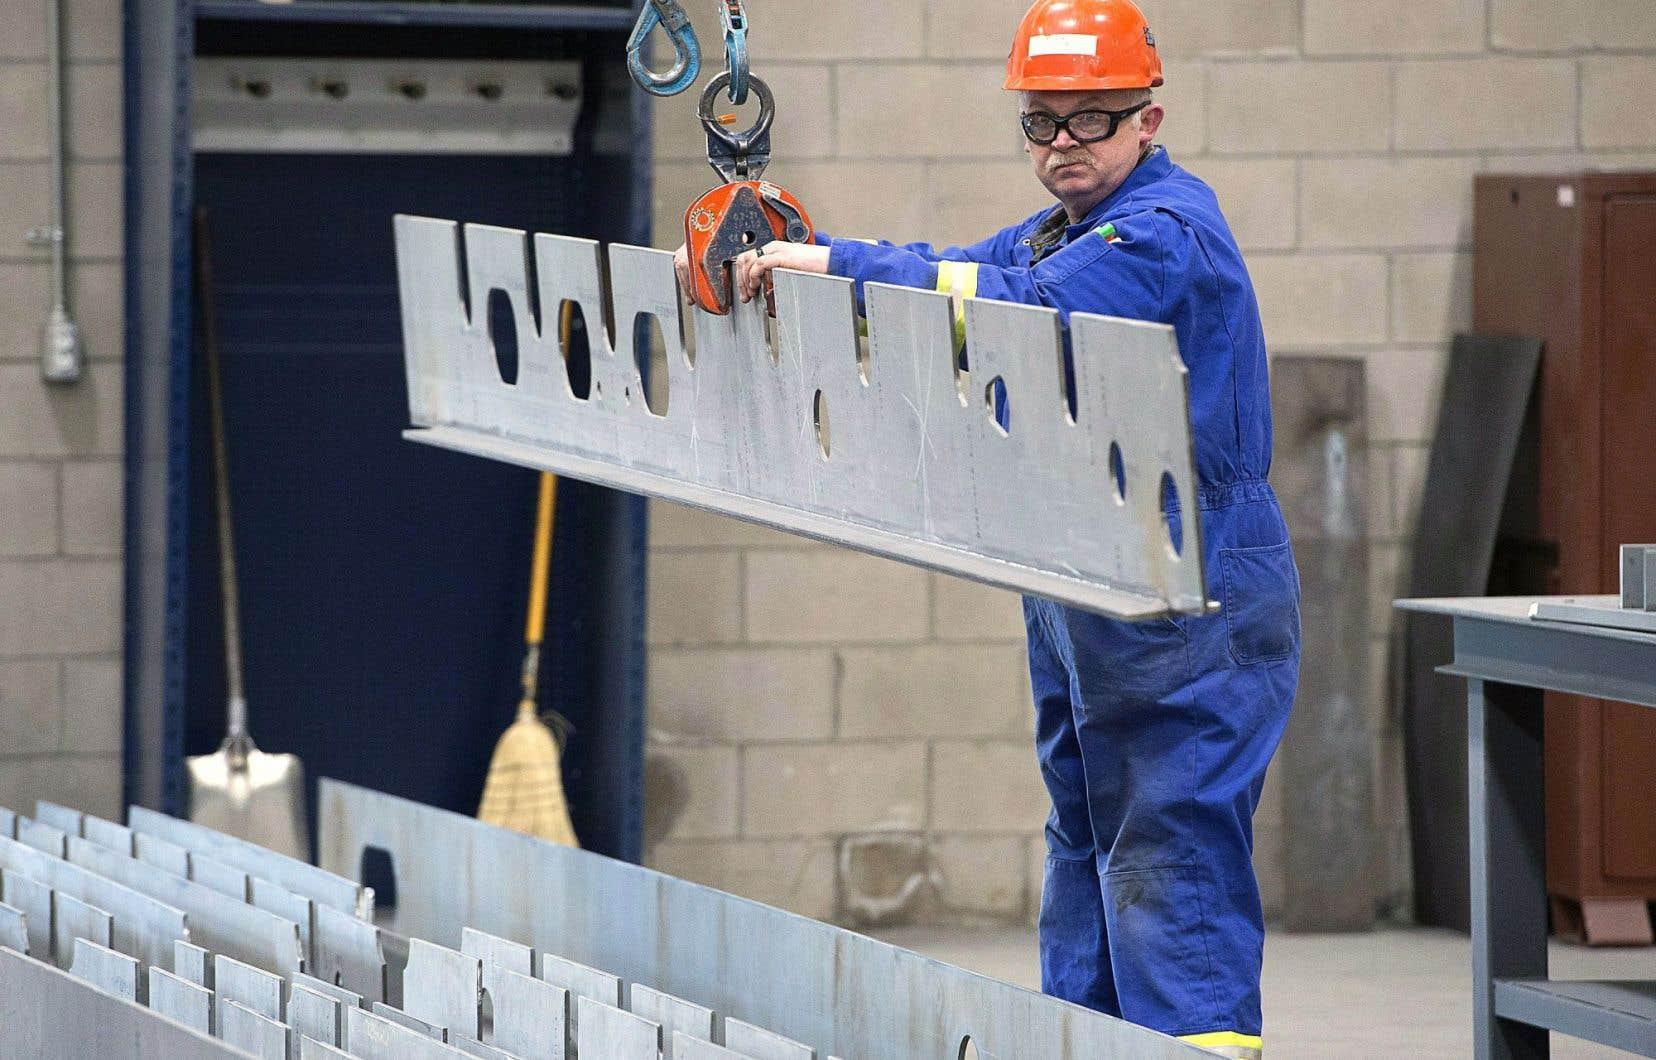 Les travailleurs âgés de 55ans et plus sont de plus en plus nombreux sur le marché du travail.